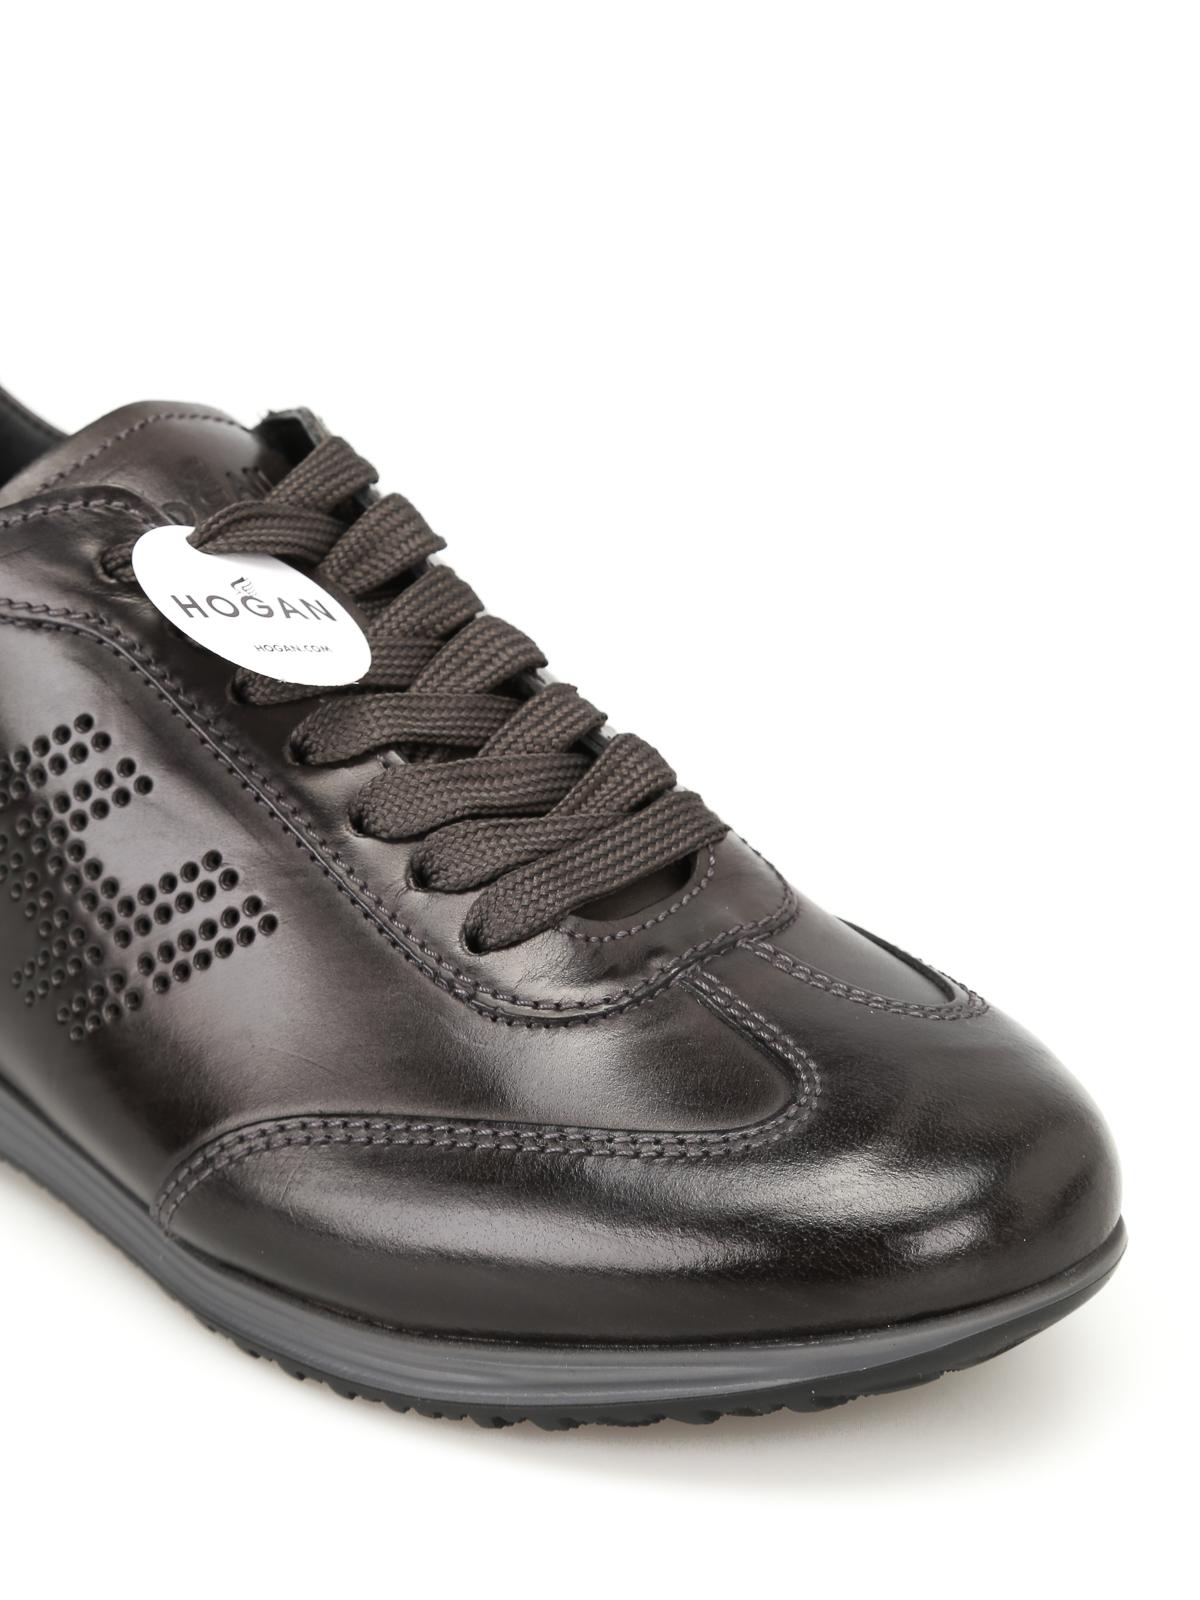 Sneakers Hogan - Sneaker Olympia H205 nere in pelle ...